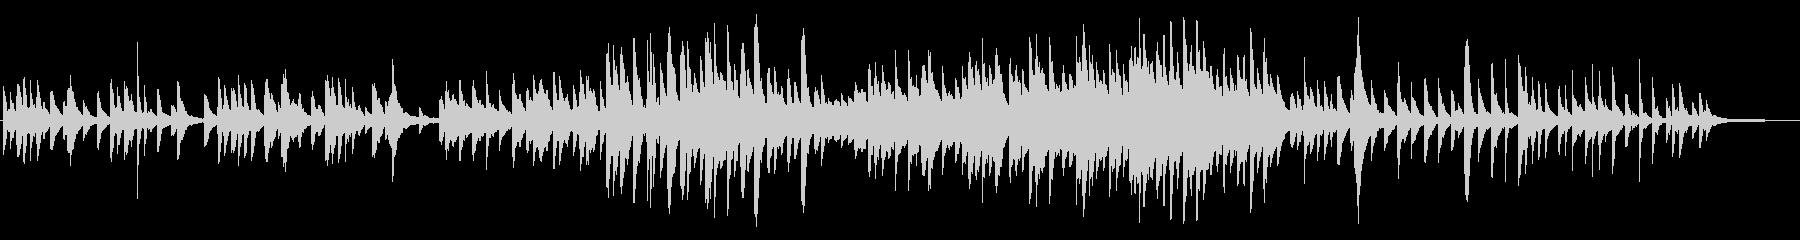 ゆったりとした切ないピアノ曲の未再生の波形